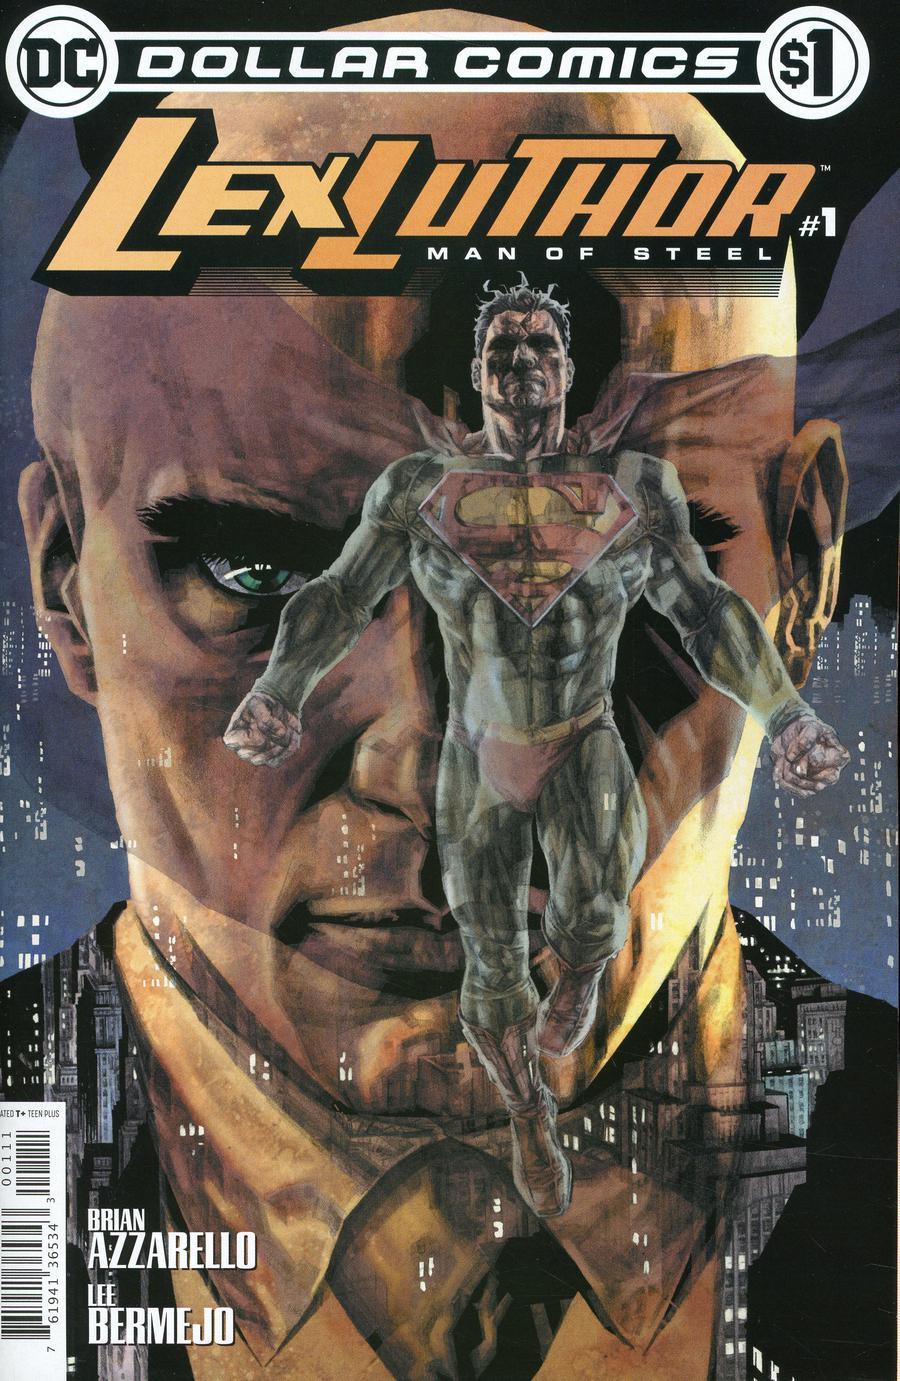 Dollar Comics Luthor #1